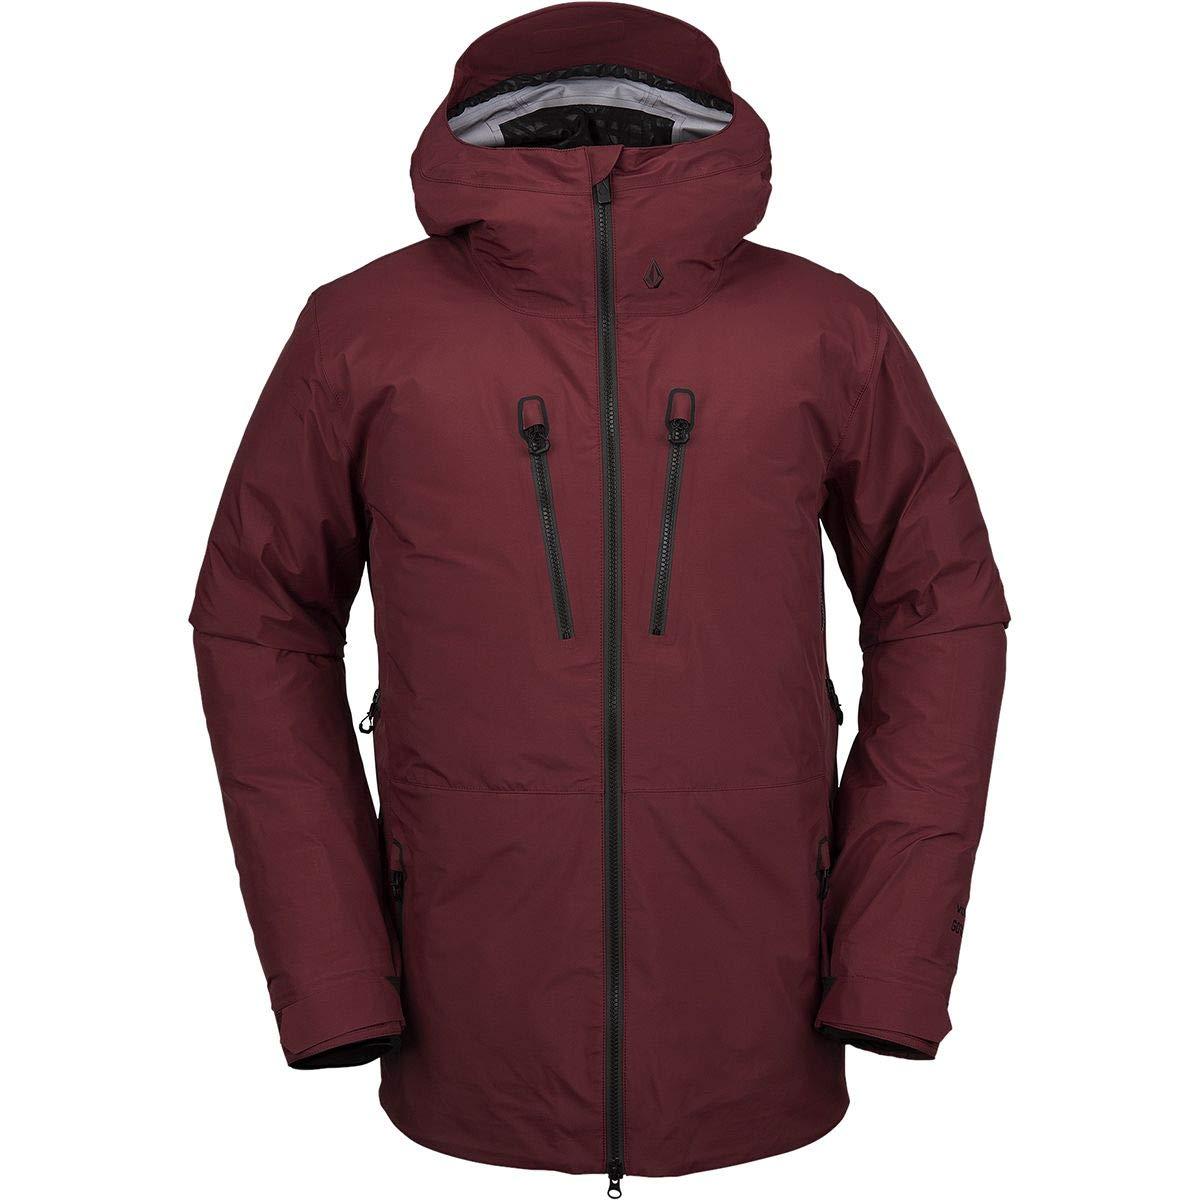 [ボルコム] メンズ ジャケット&ブルゾン TDS Infra赤 Gore-Tex Hooded Jacket [並行輸入品]  XL